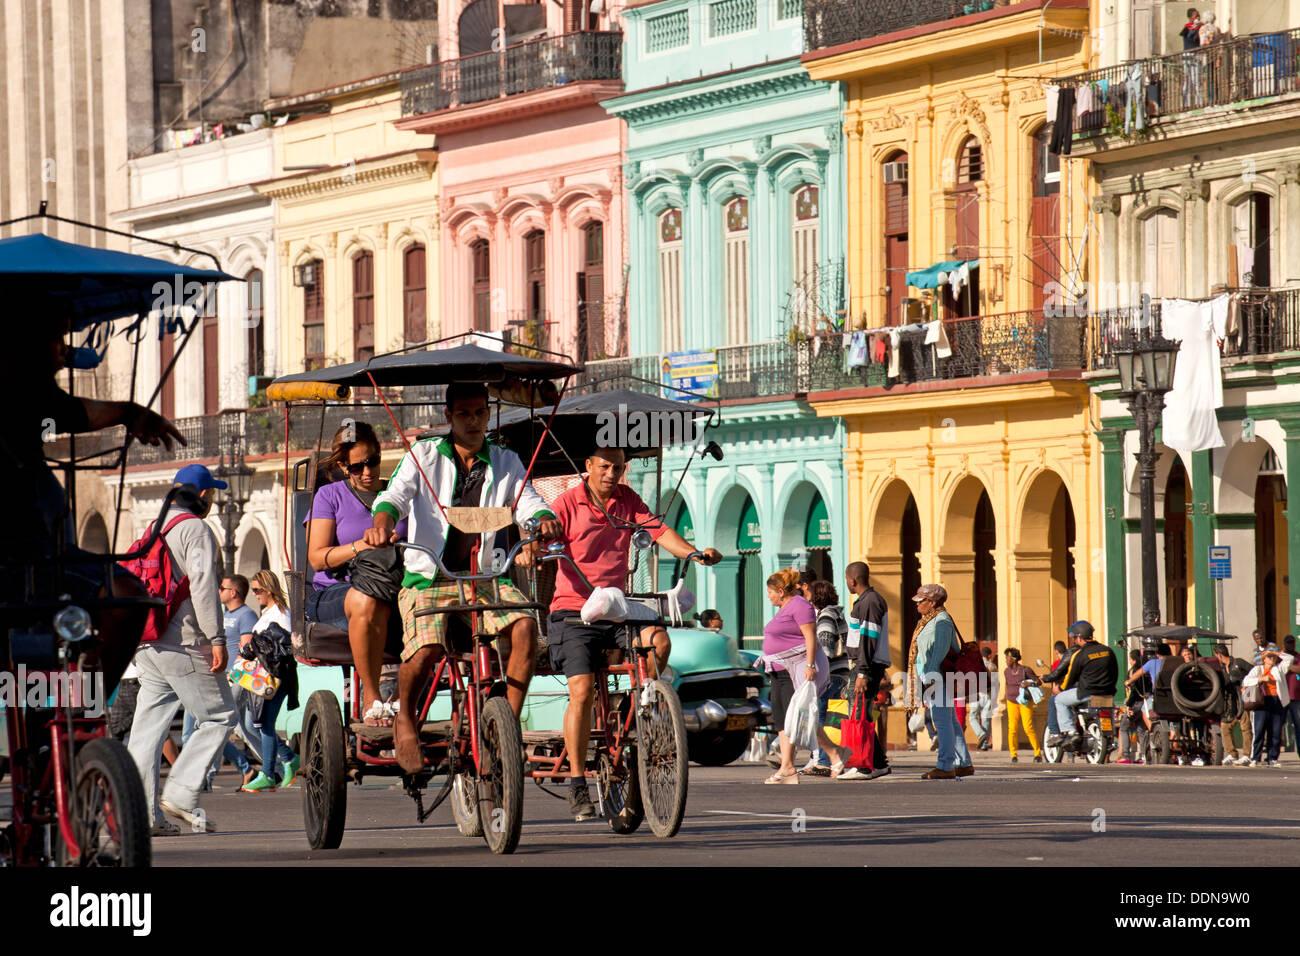 Fahrrad-Taxi und farbenfrohen Gebäuden in zentralen Havanna, Kuba, Karibik Stockbild